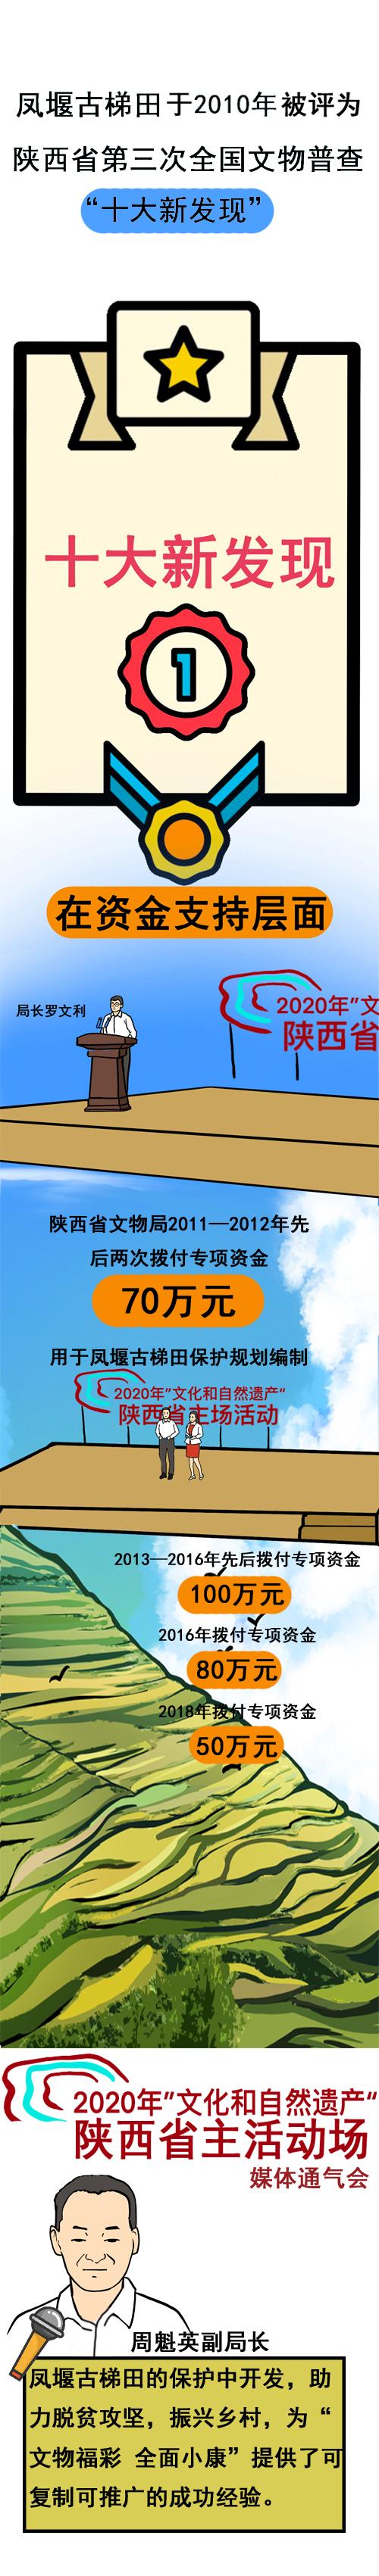 微信图片_20200624102640.jpg